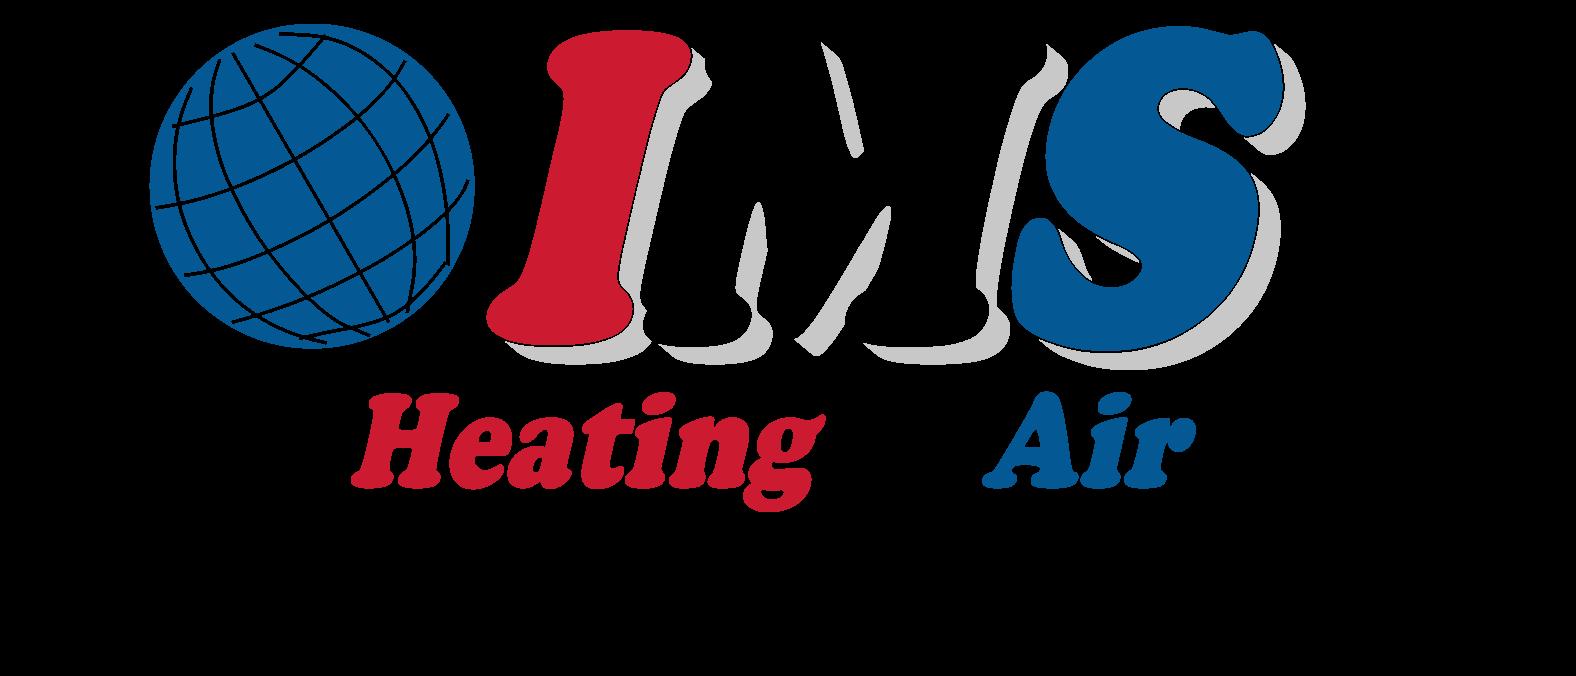 IMS Heating & Air Inc.